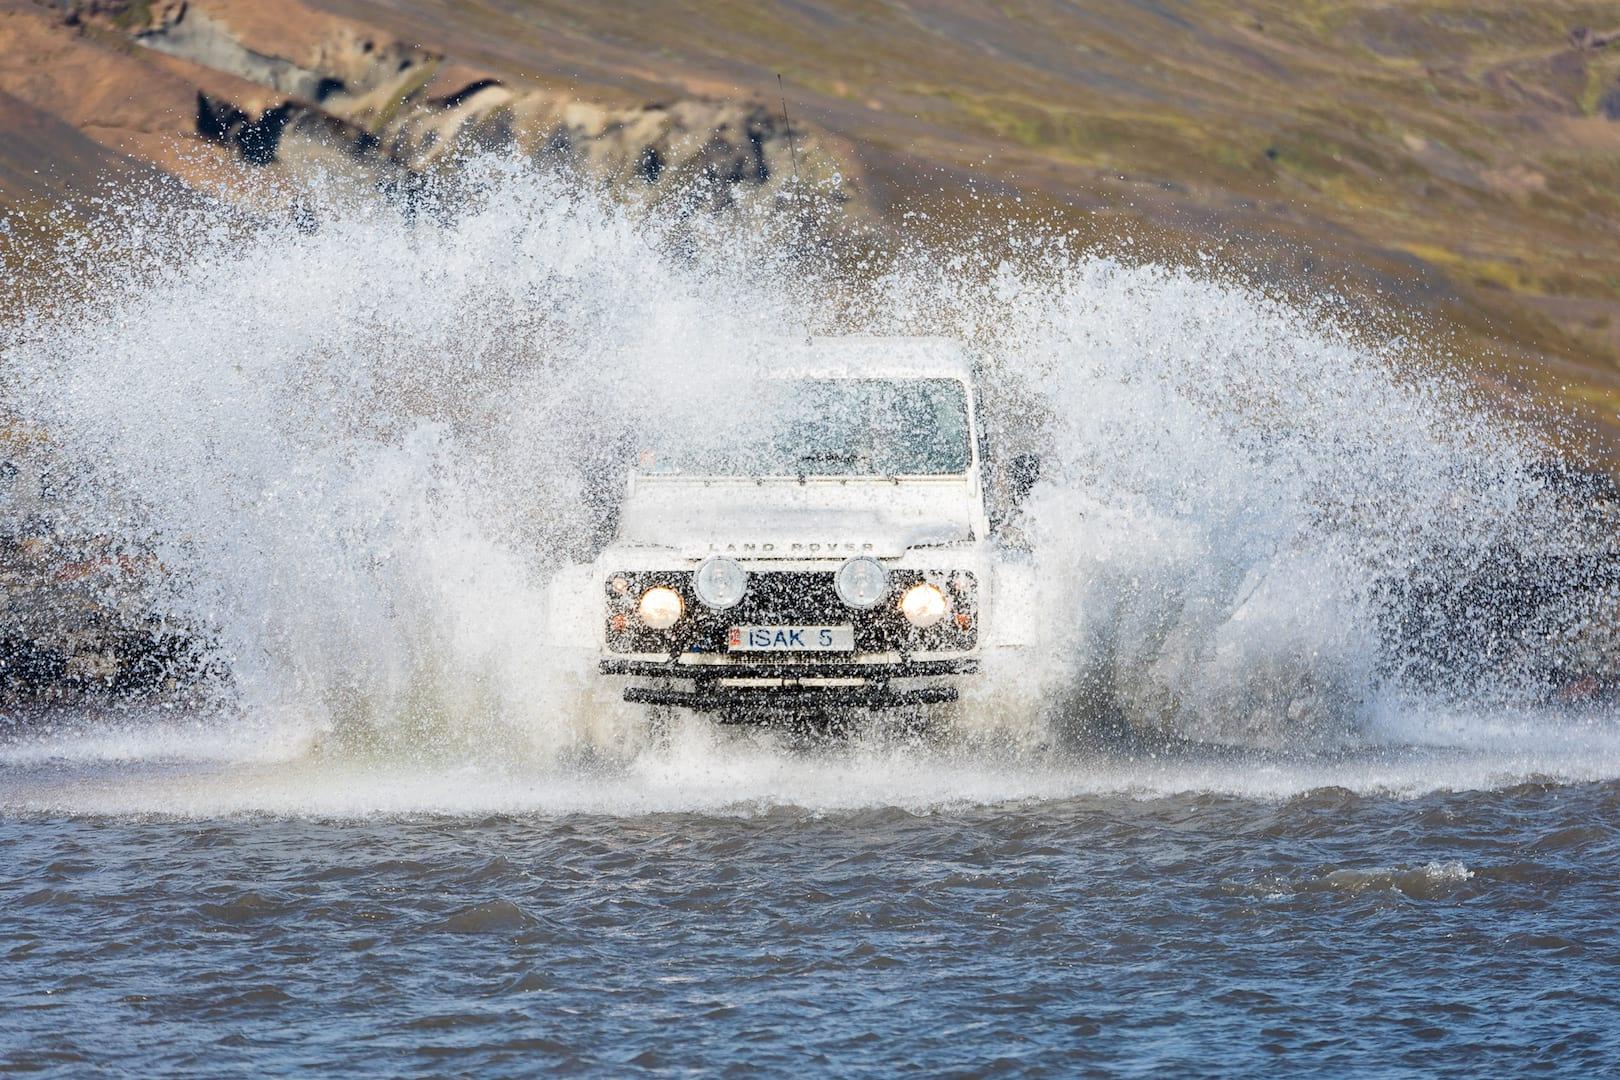 Superjeep crossing a river